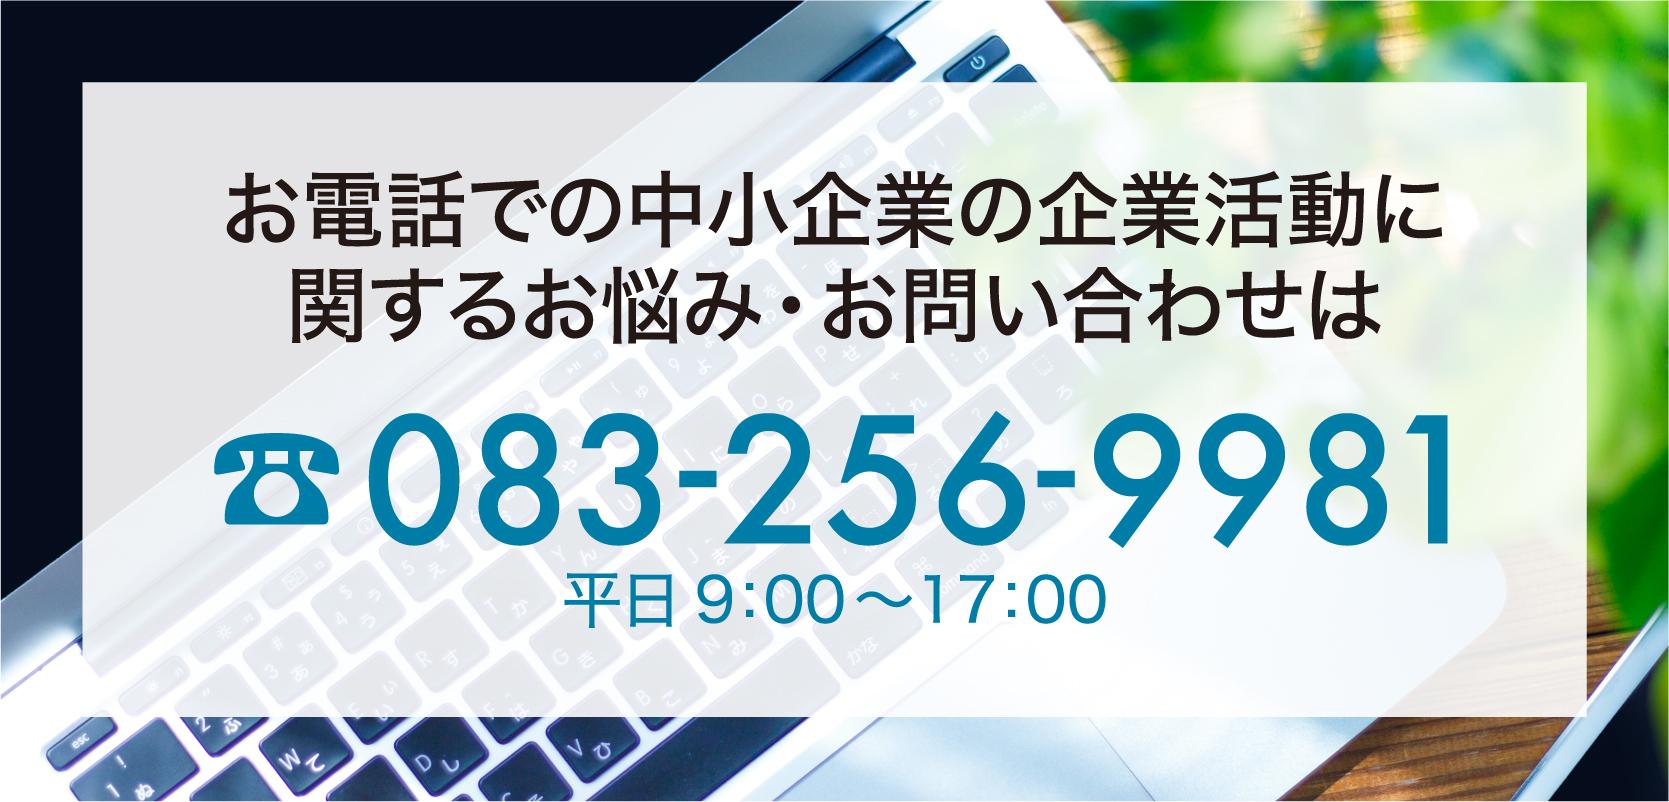 中小企業の企業活動に関するお悩み・お問い合わせは083-256-9981 柳川経営研究所まで